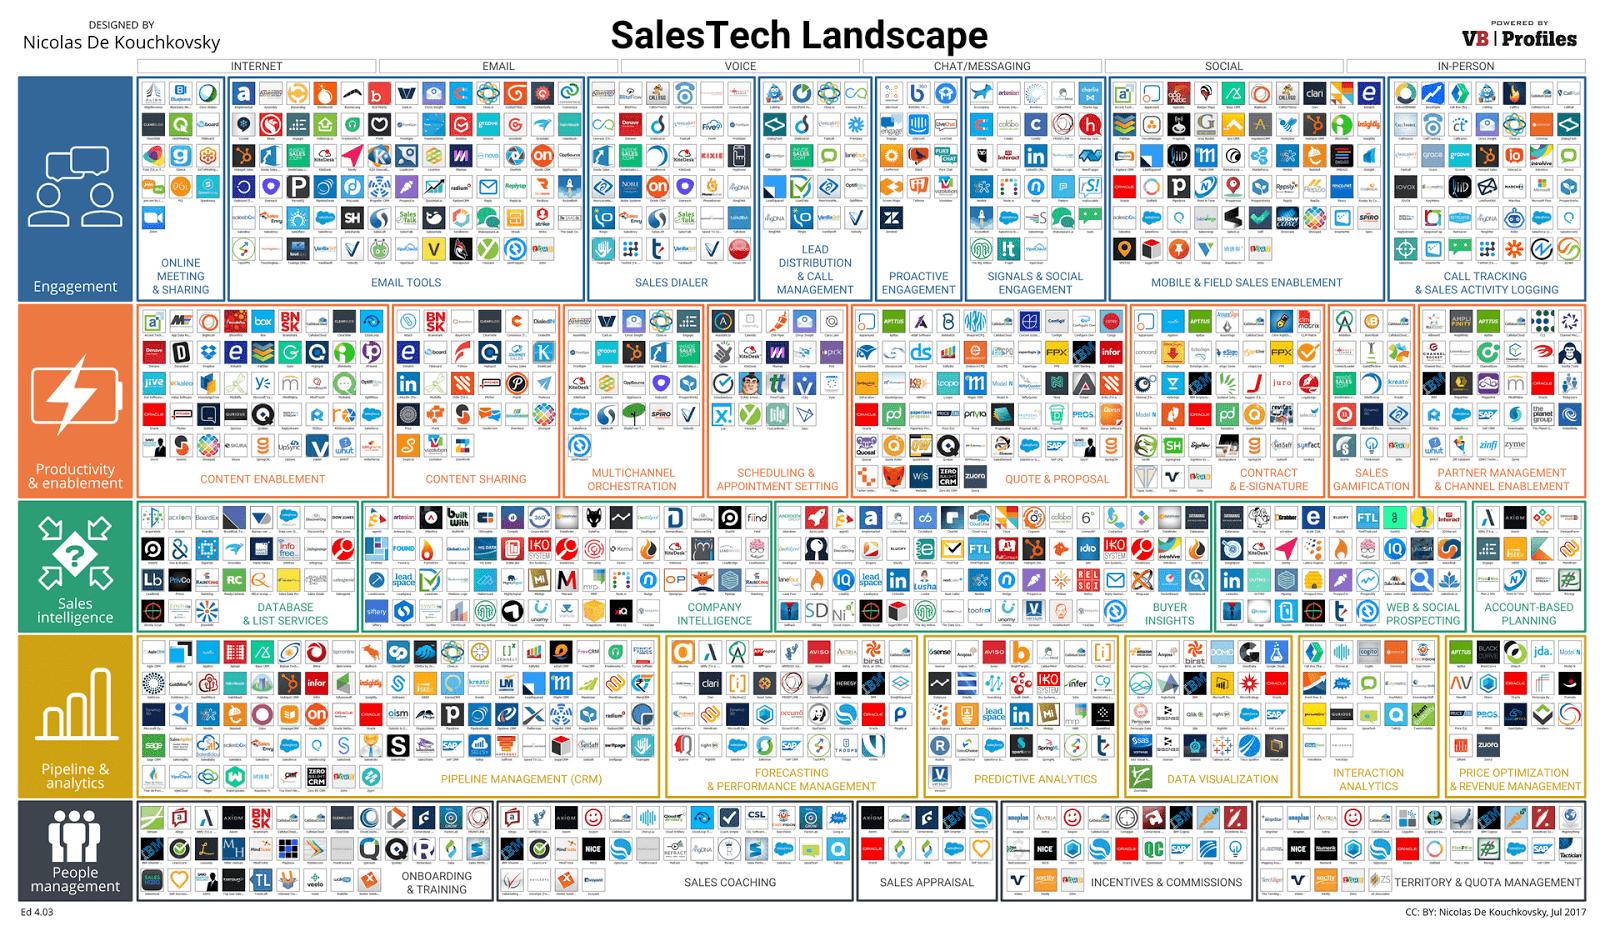 salestech-landscape-2017.png